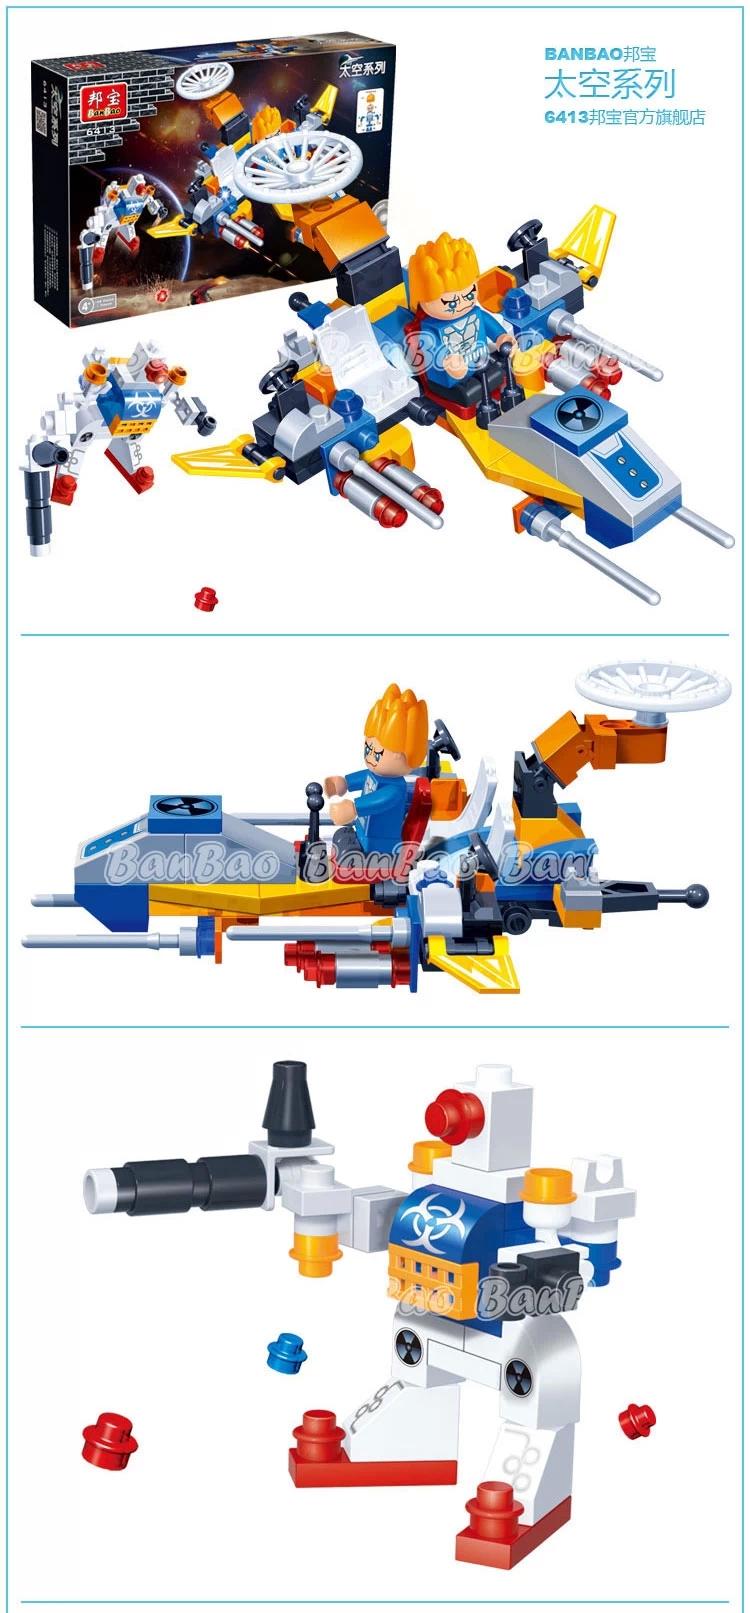 拼插小颗粒积木益智儿童玩具太空船星球大战